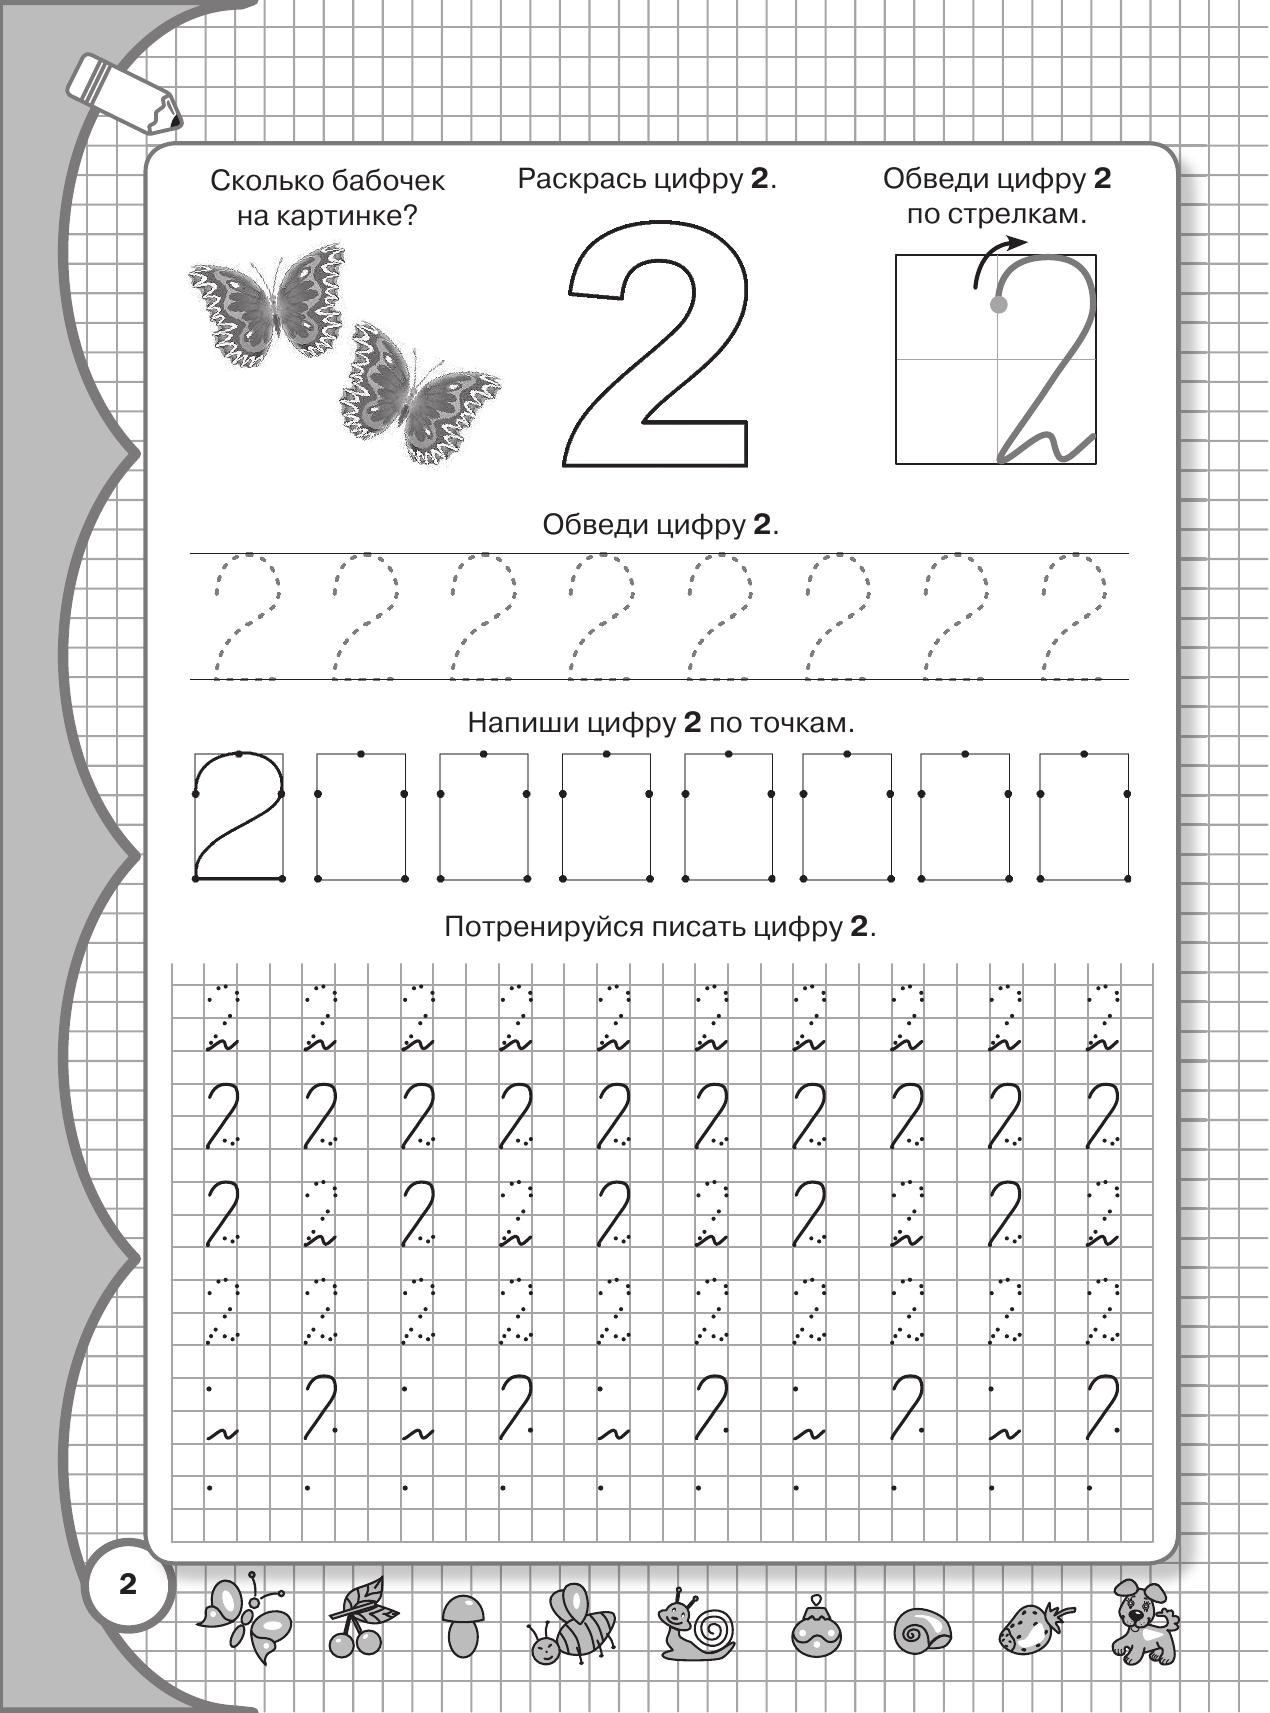 Пишем букву н по точкам. как научить ребенка-дошкольника правильно писать буквы и цифры: прописи, советы и хитрости обучения